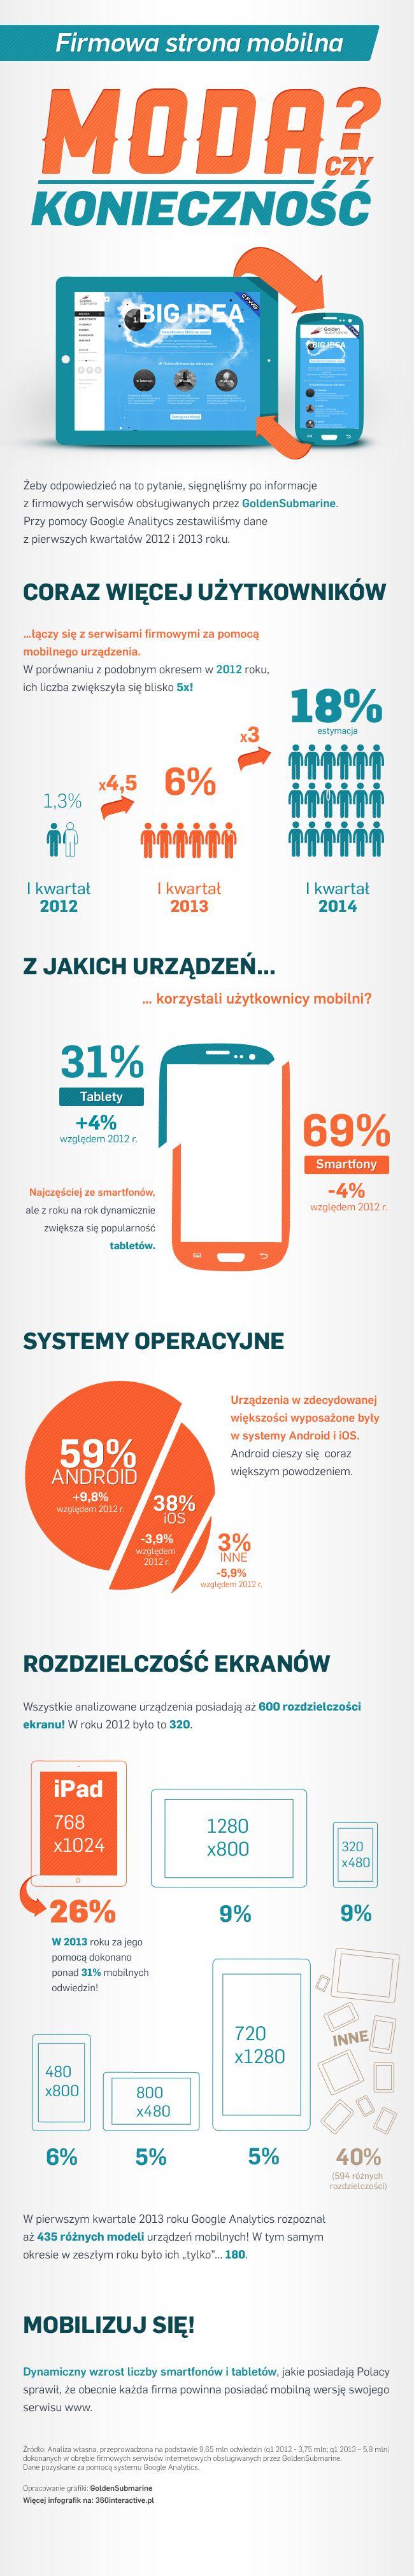 firmowa strona mobilna - moda czy konieczność? infografika od #goldensubmarine